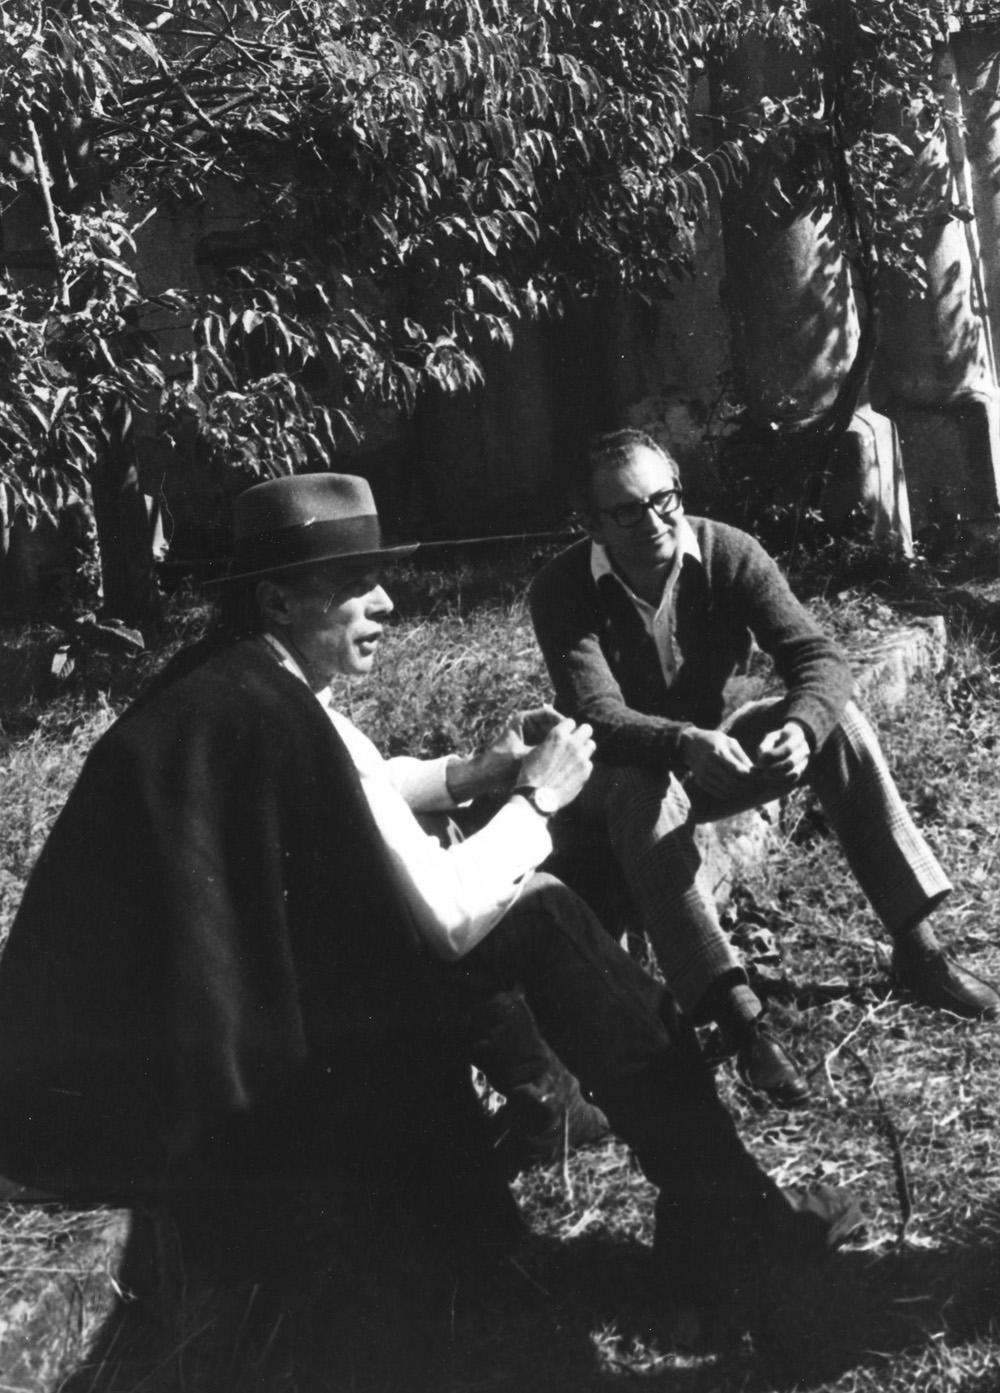 Joseph Beuys and Pasquale Trisorio at Villa Orlandi, 1971